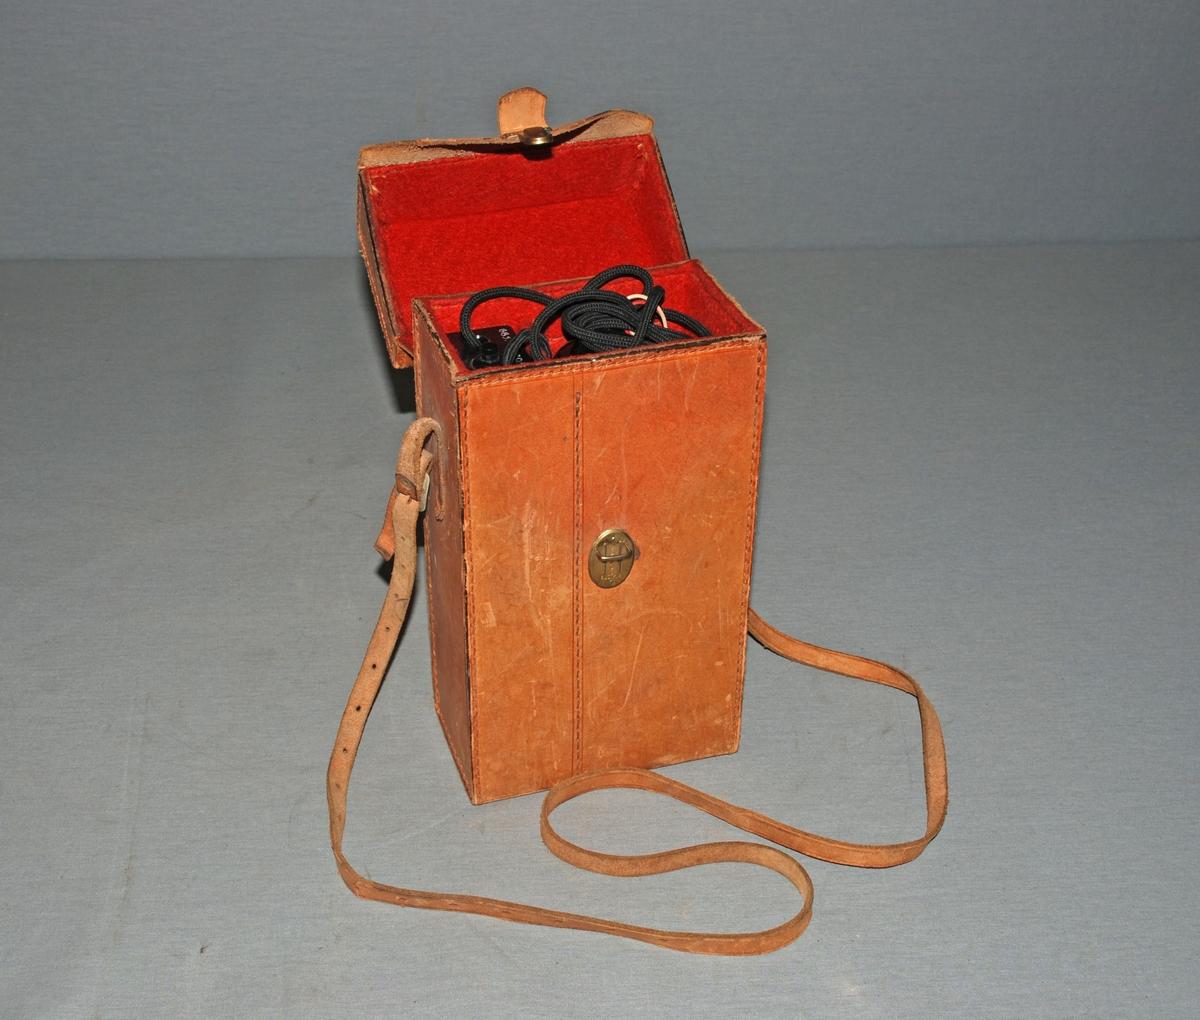 Bærbar batteridrevet telefon i veske. Telefonrør med ledning koplet til batterienhet med trykknapp på toppen og tallvalg 1-5. Montert i veskt med lukking på toppen og skulderrem. koplingsskjema på baksiden av telefonenhet.